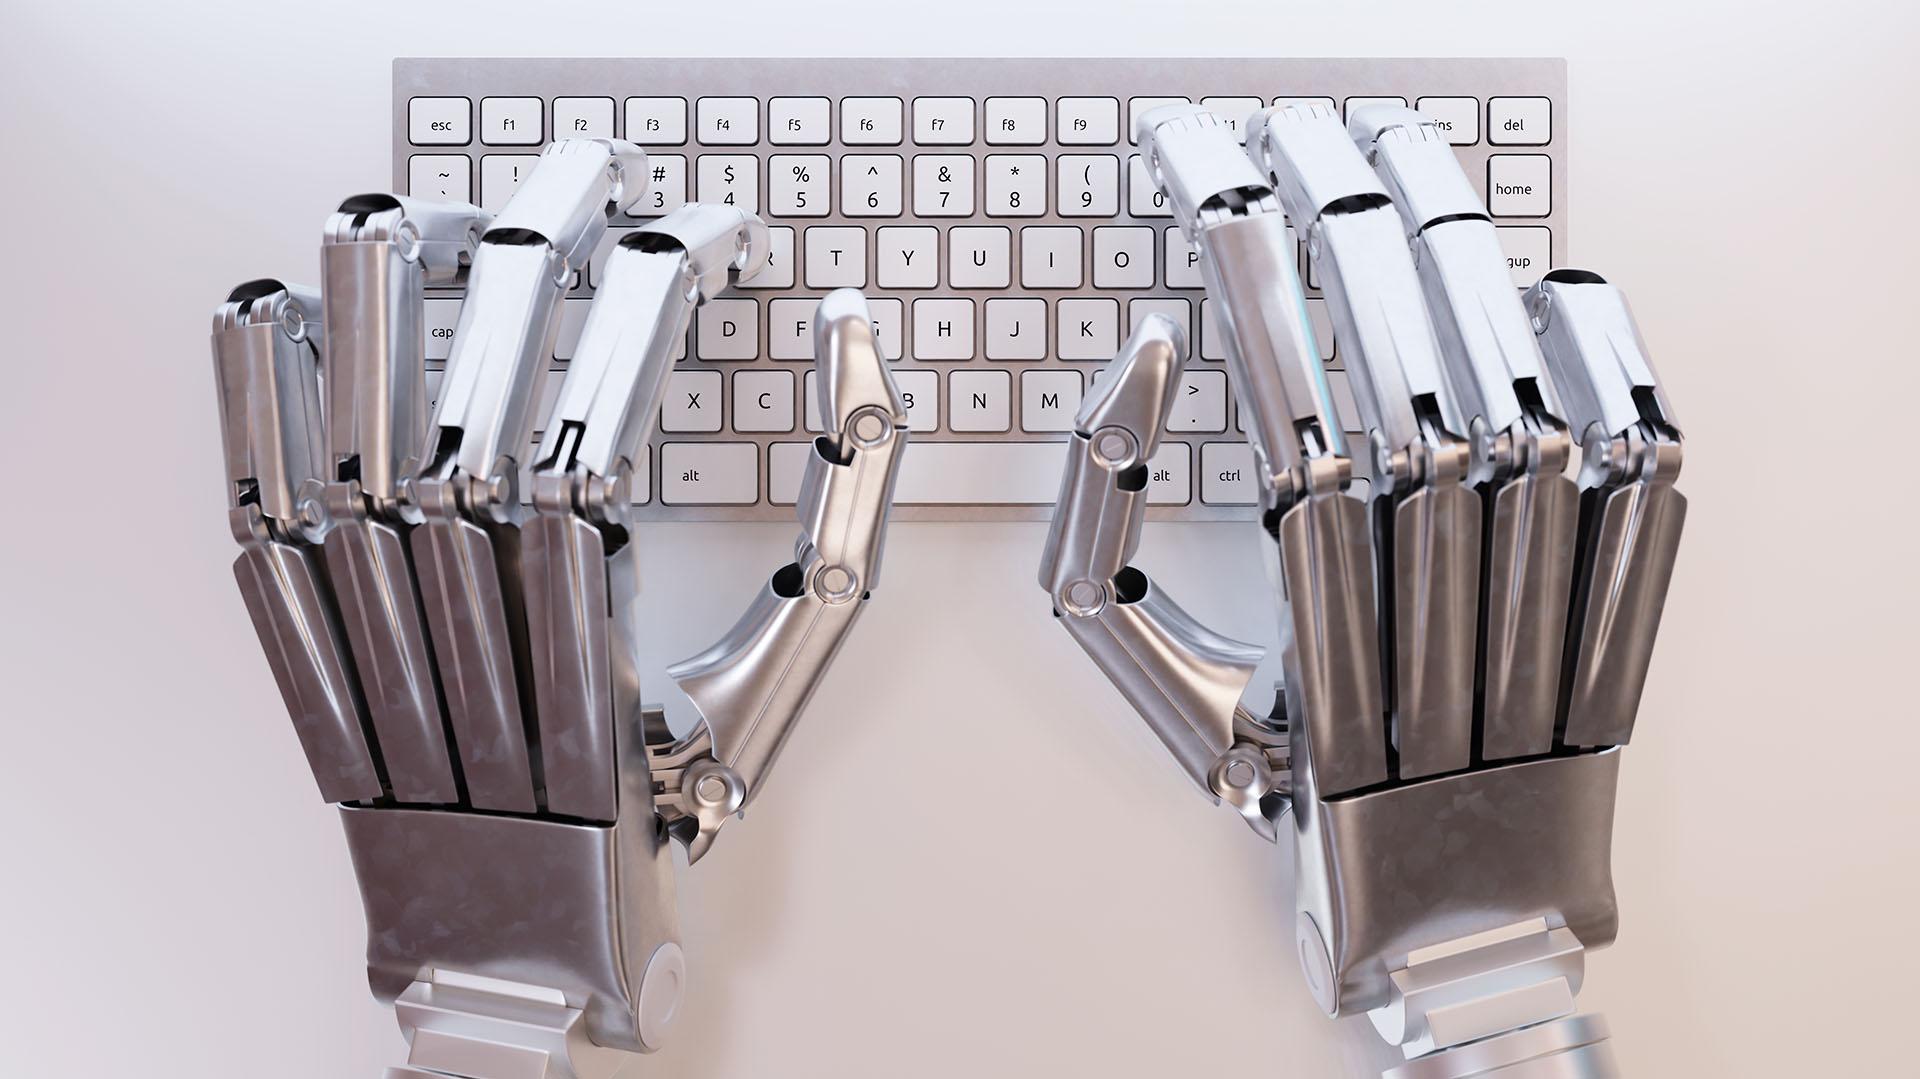 Para los expertos, la inteligencia artificial no solo afecta al mercado de trabajo, también presenta una oportunidad para las empresas que logren posicionarse antes